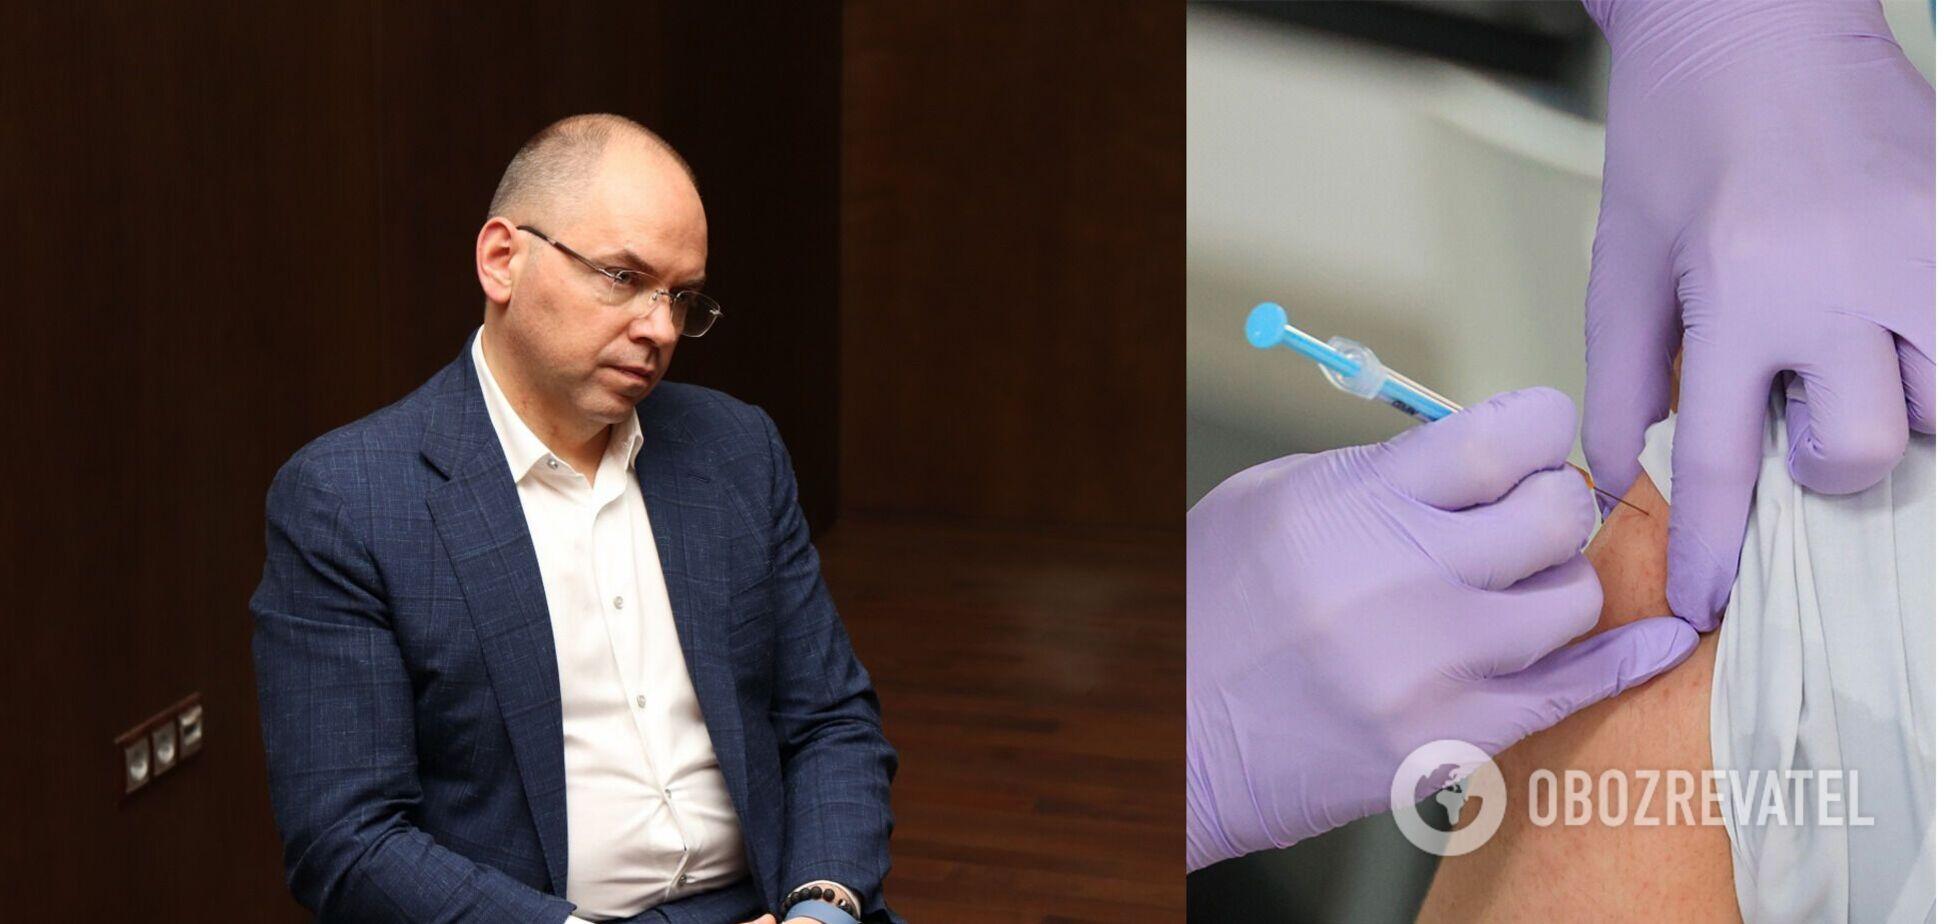 Степанов назвал количество вакцинированных в Украине за два дня и объяснил, почему не хотят прививаться